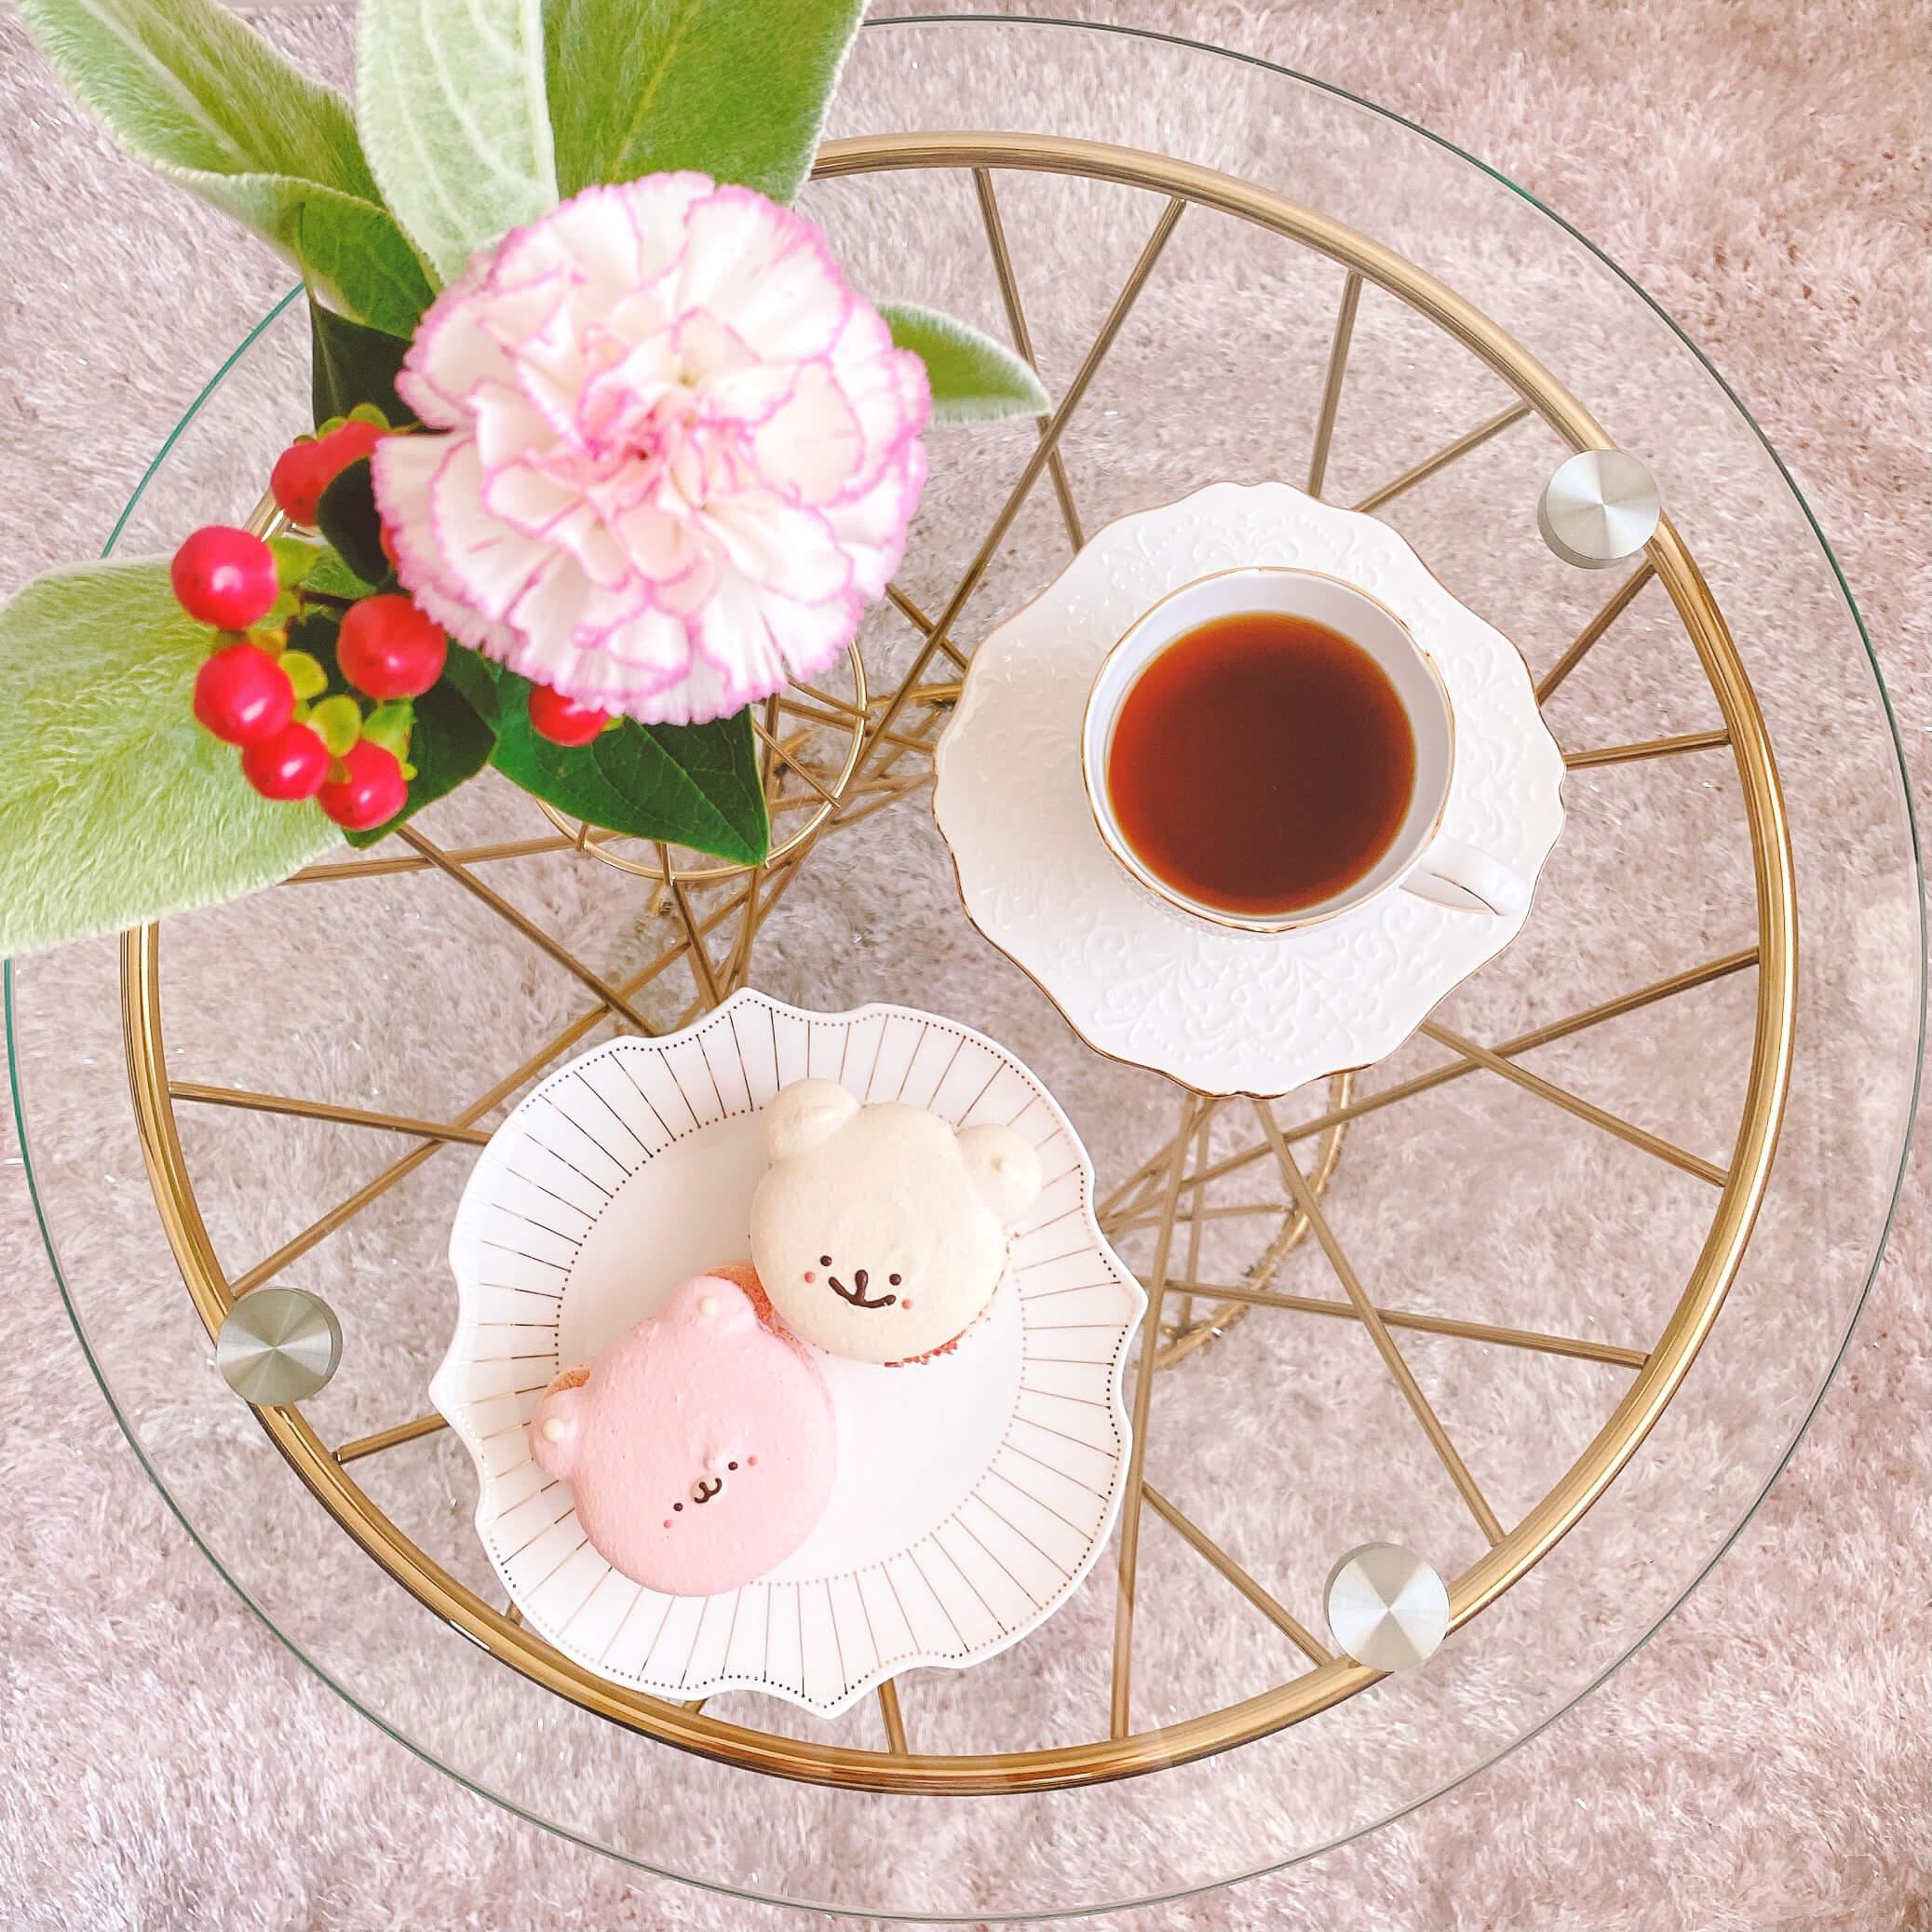 ブルーミーと紅茶、マカロンでリラックスしている様子